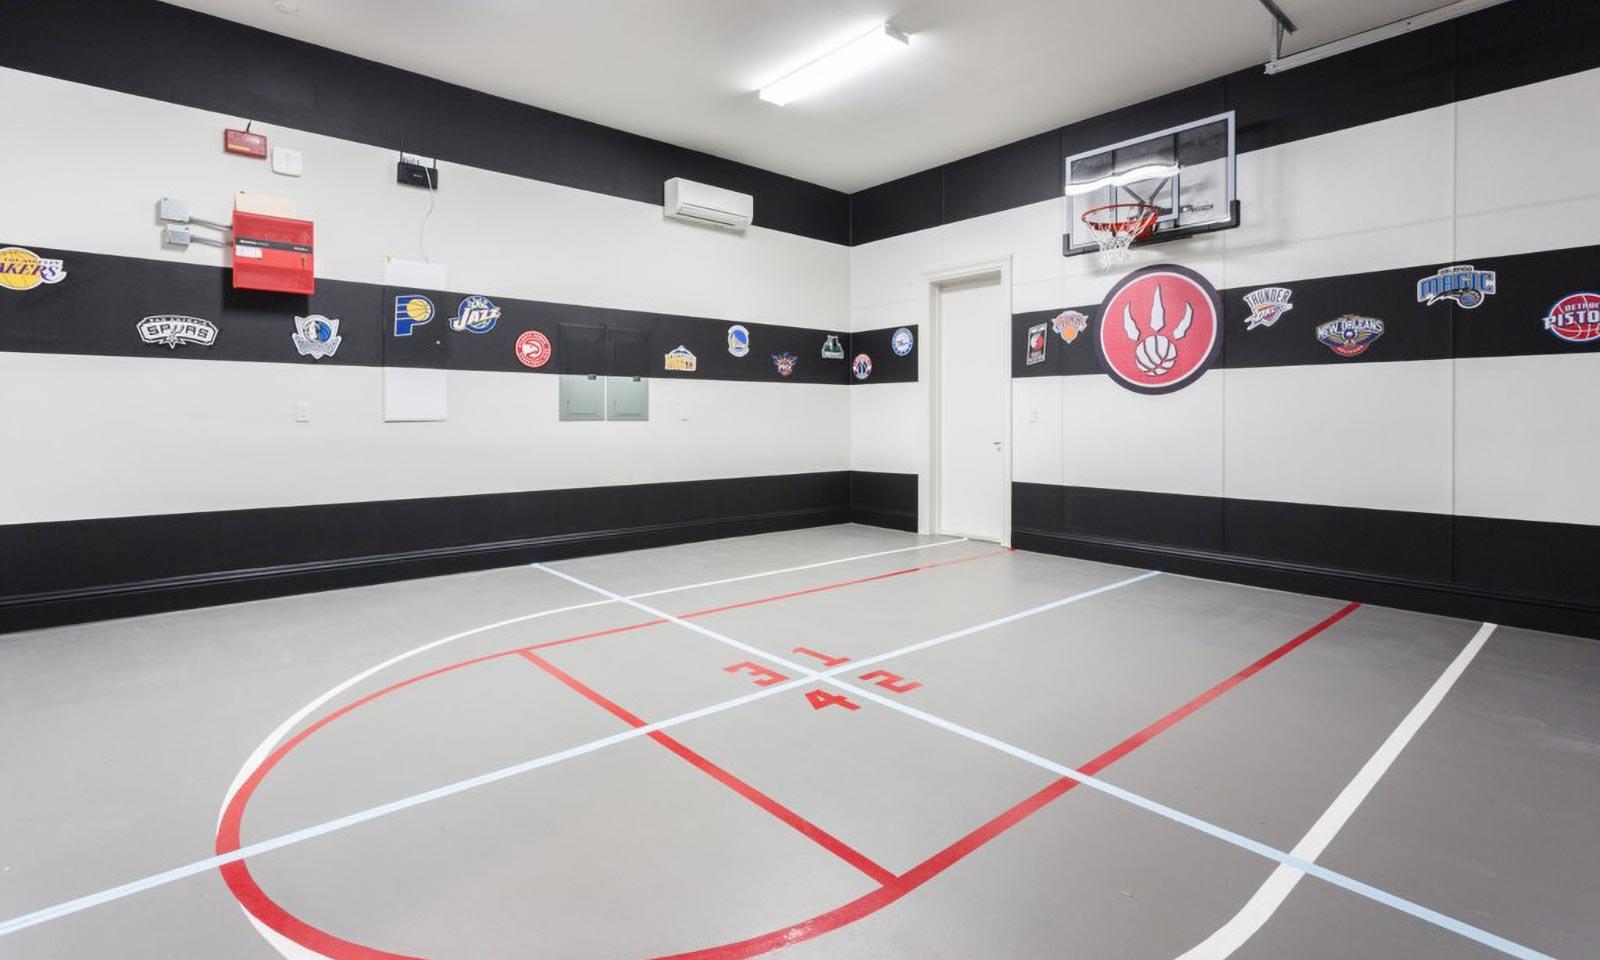 [amenities:Basketball-Court:3] Basketball Court